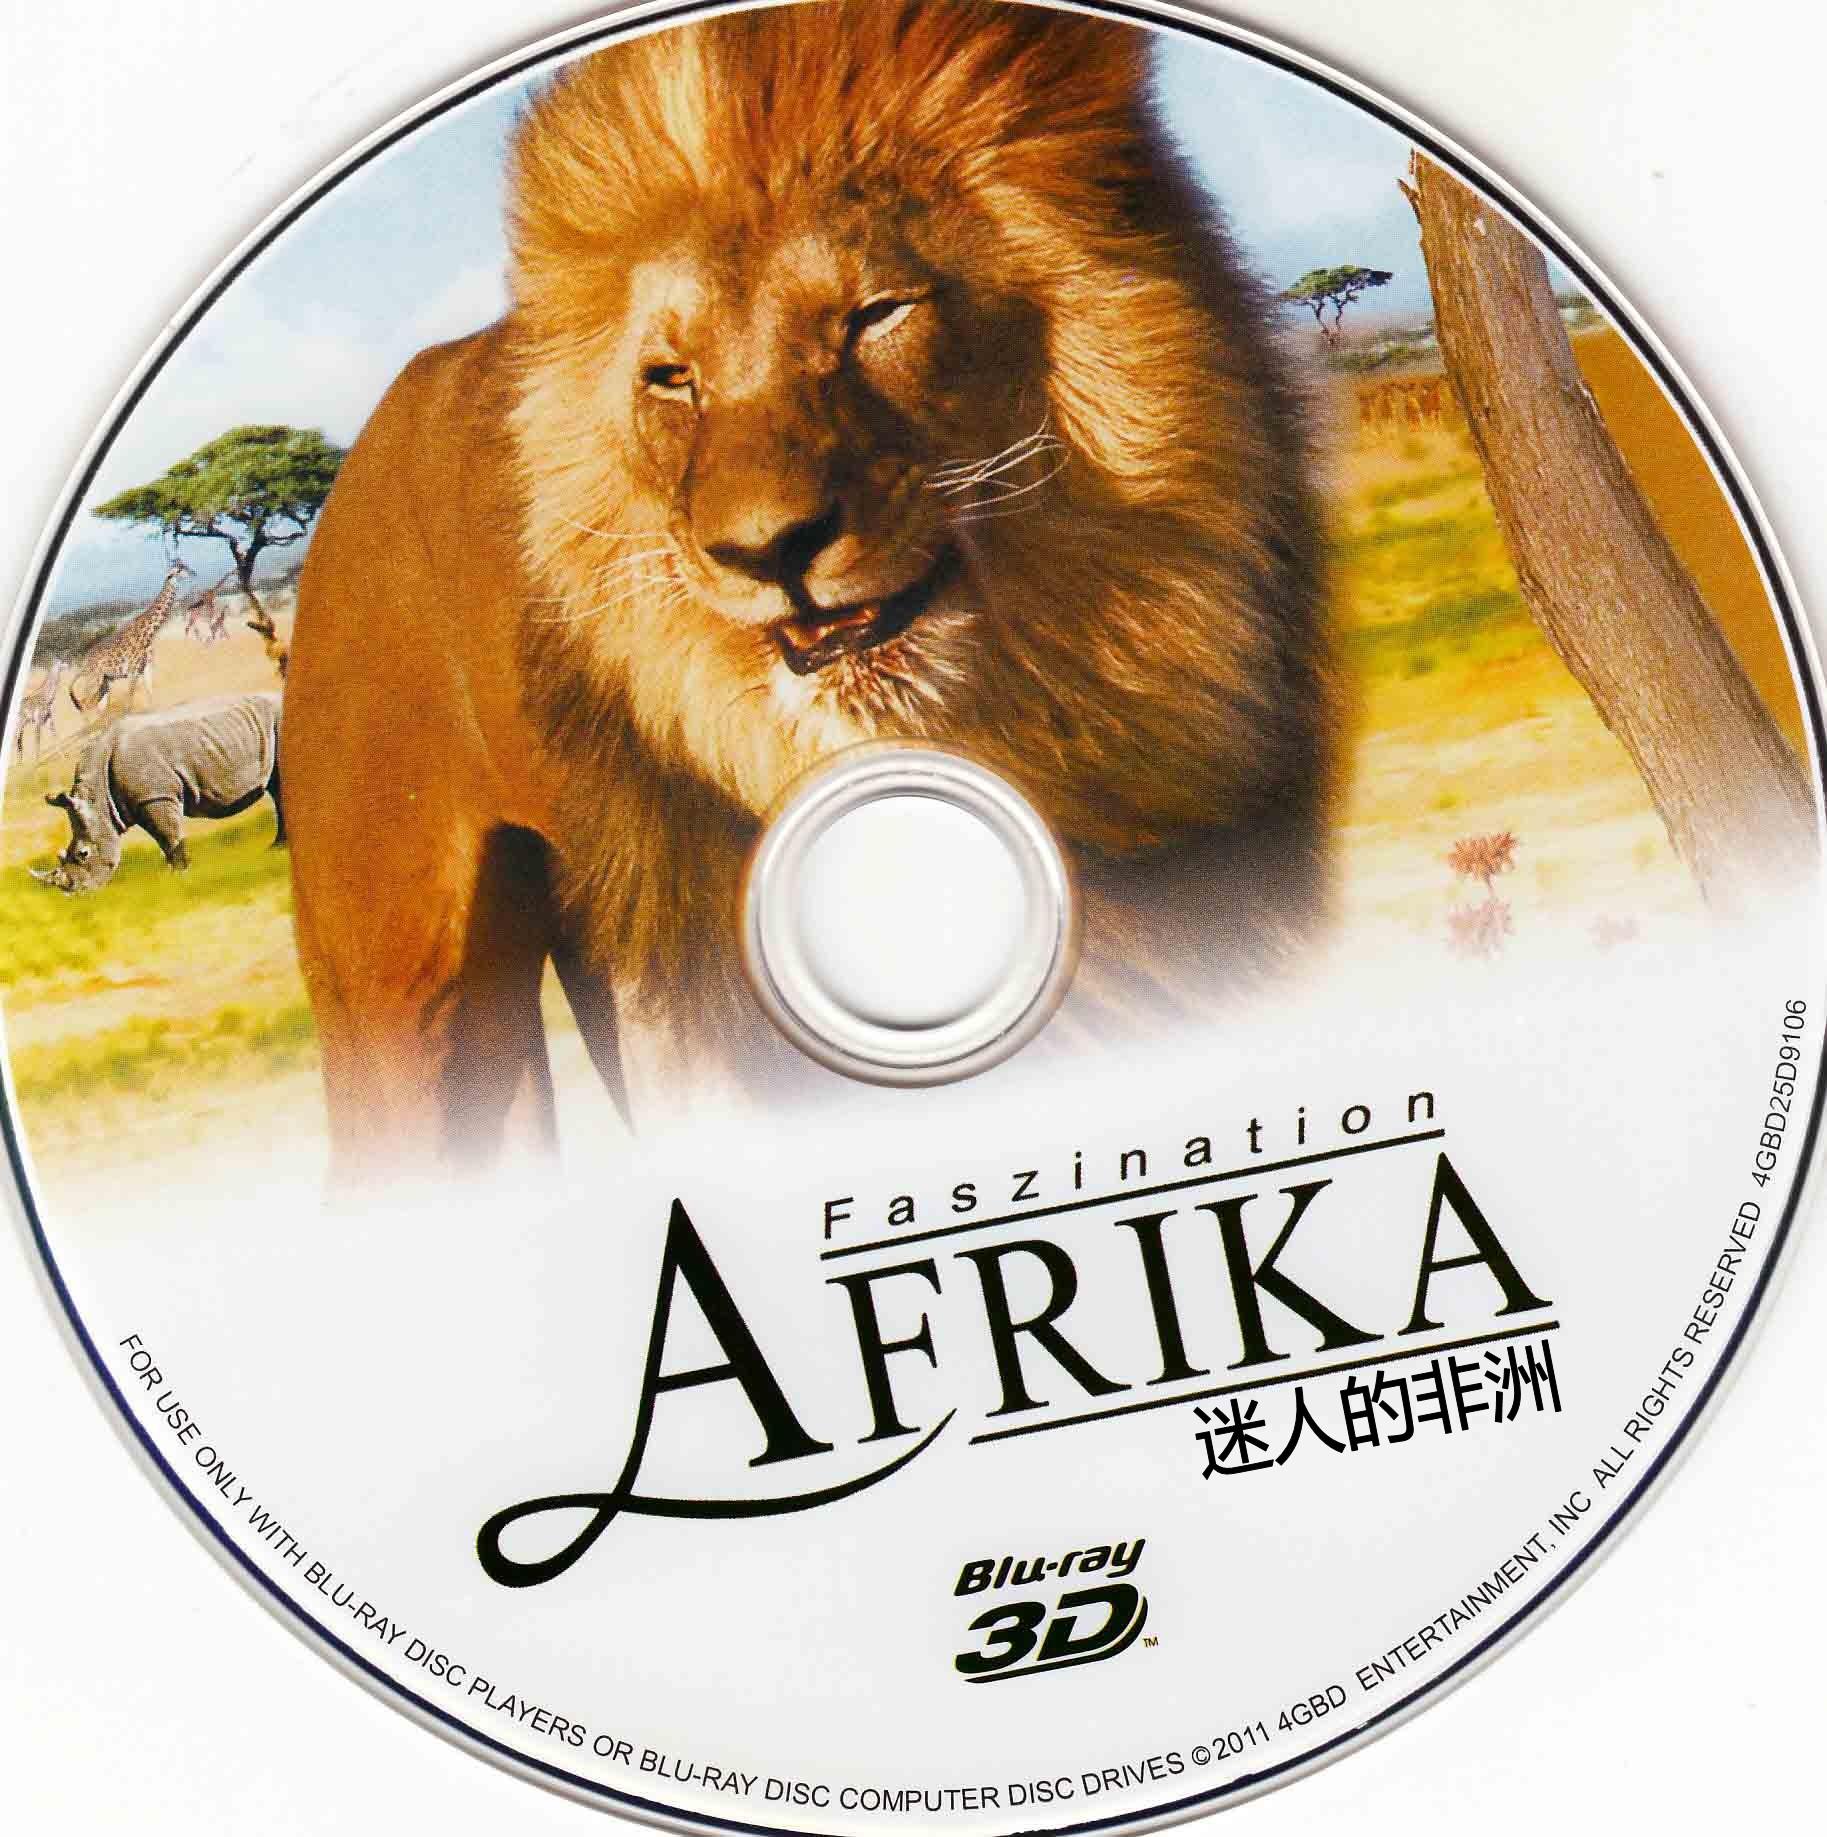 迷人的非洲[新] 2012迷人的非洲自然风光,可爱的动物们等待着您的欣赏